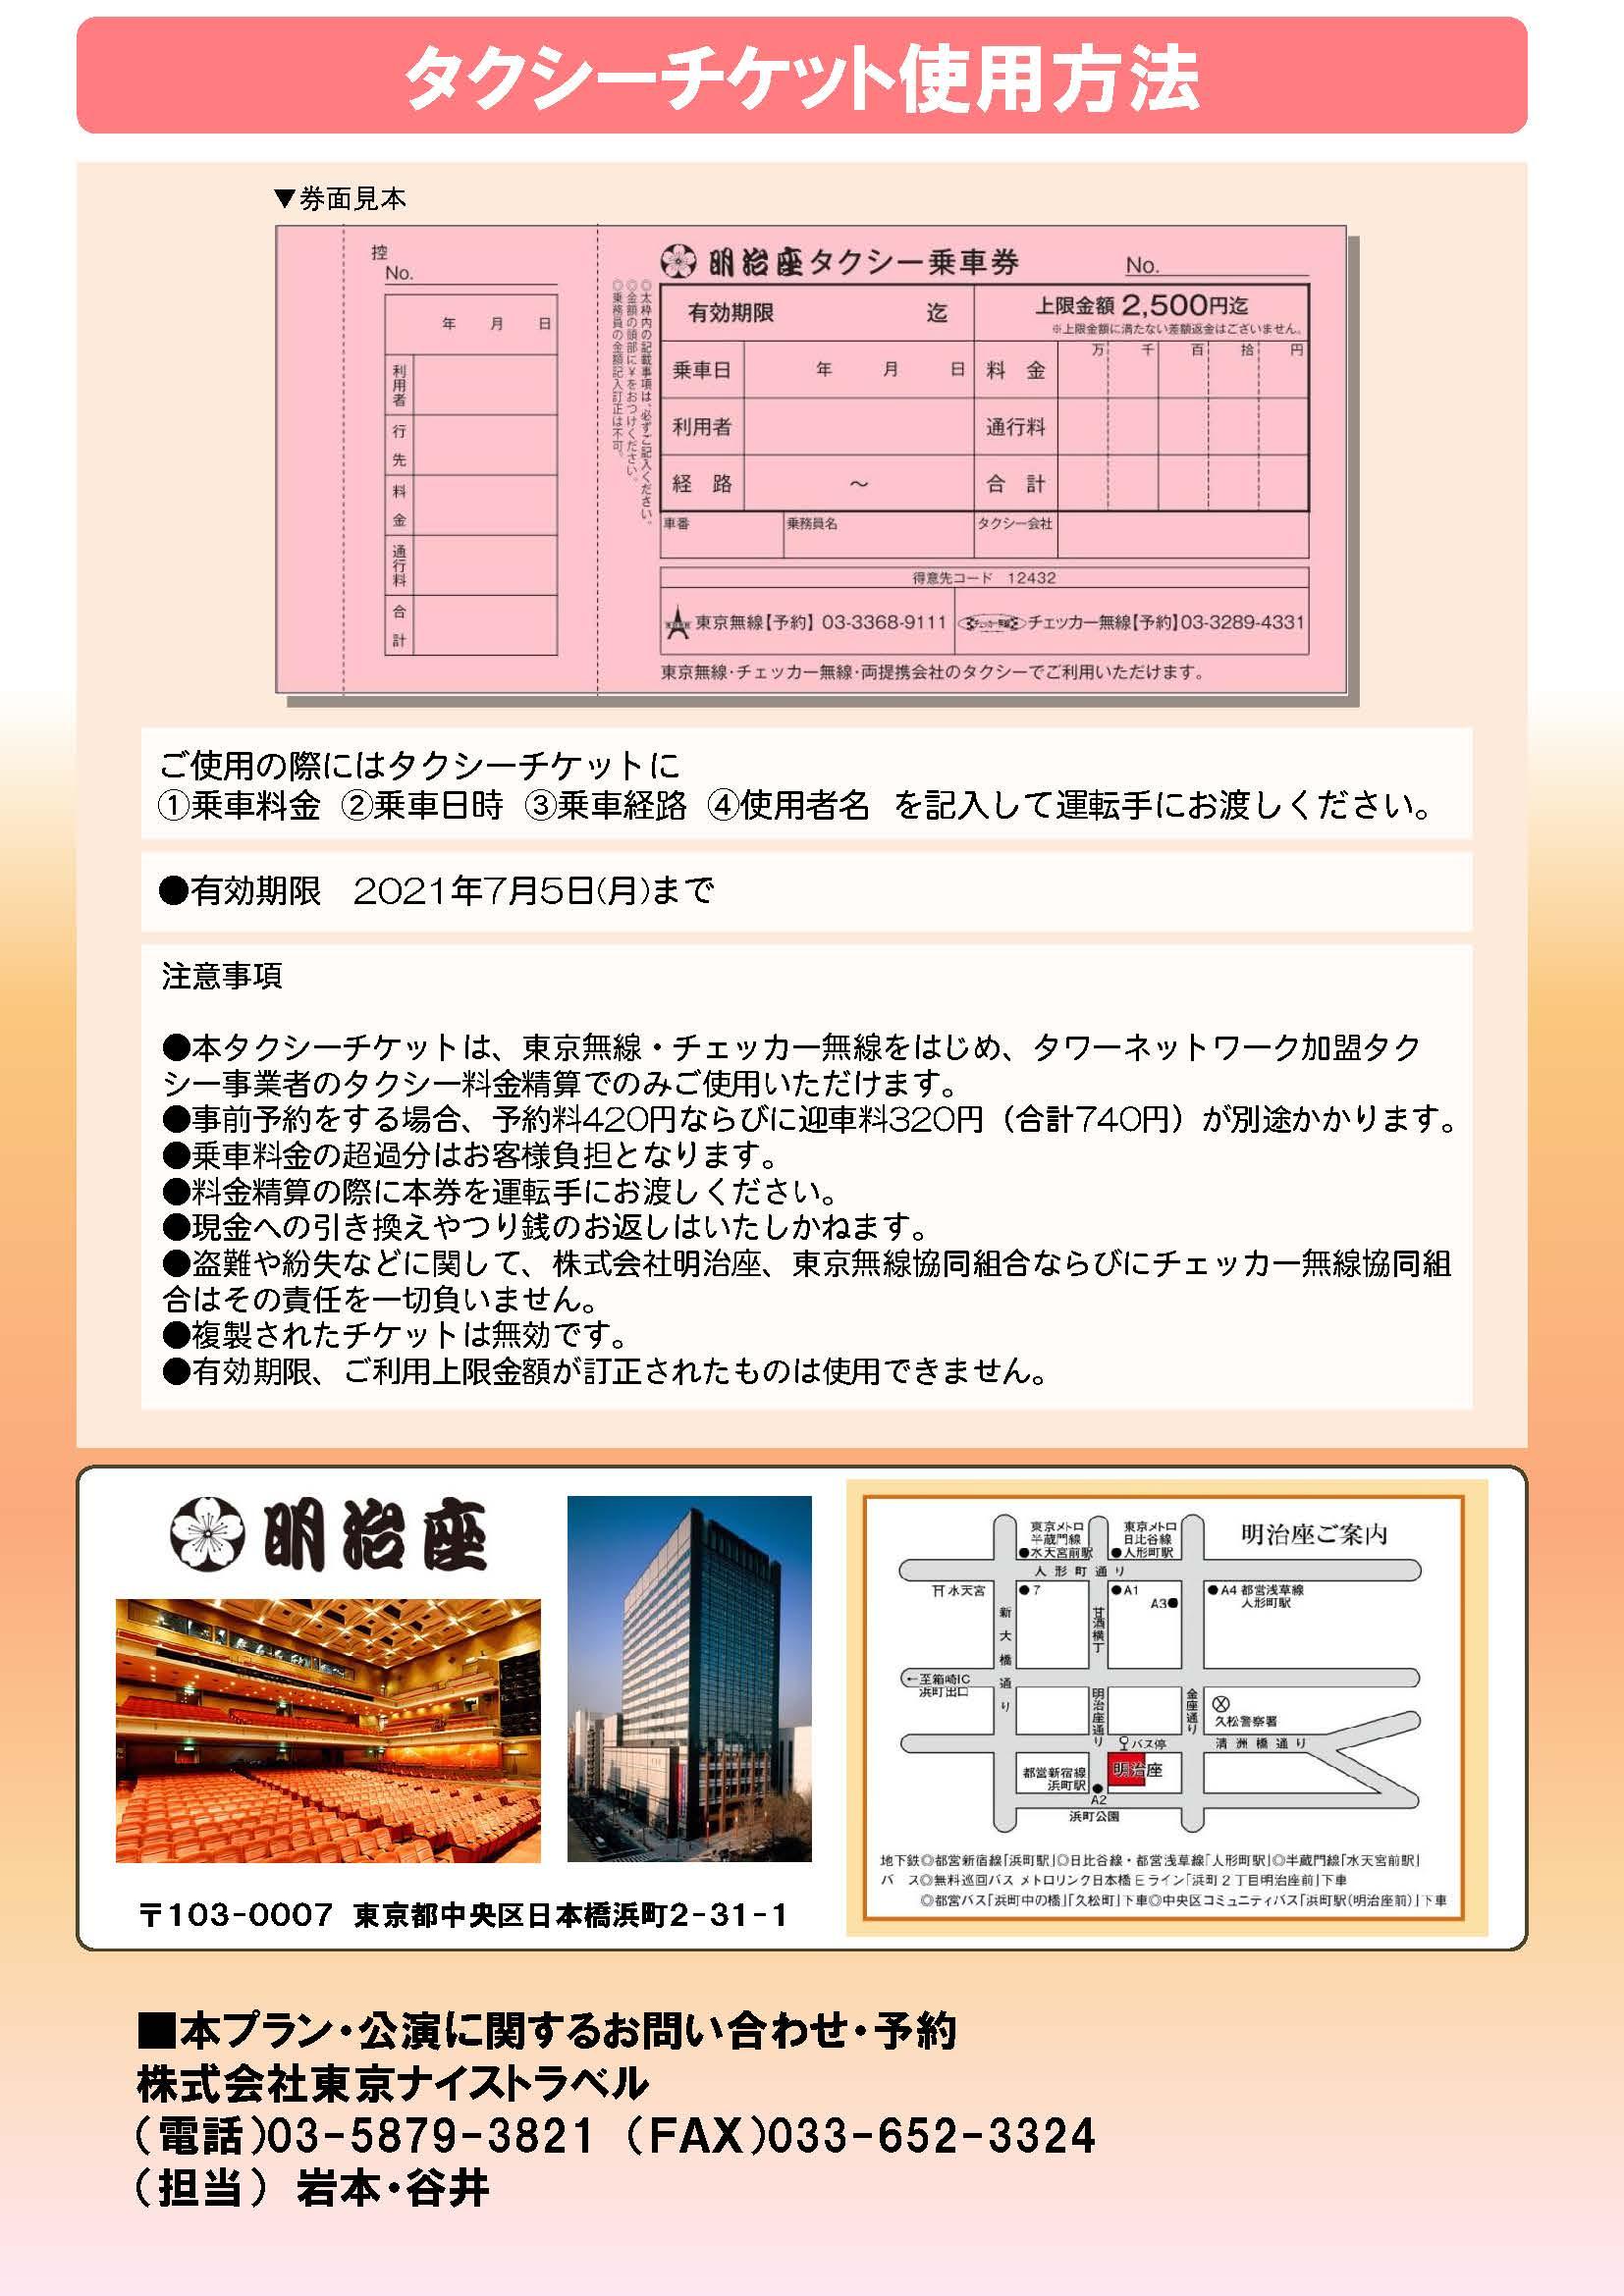 観光バス・ハイヤー手配 バリアフリー旅行の東京ナイストラベルの水森公演タクシーチケットプラン